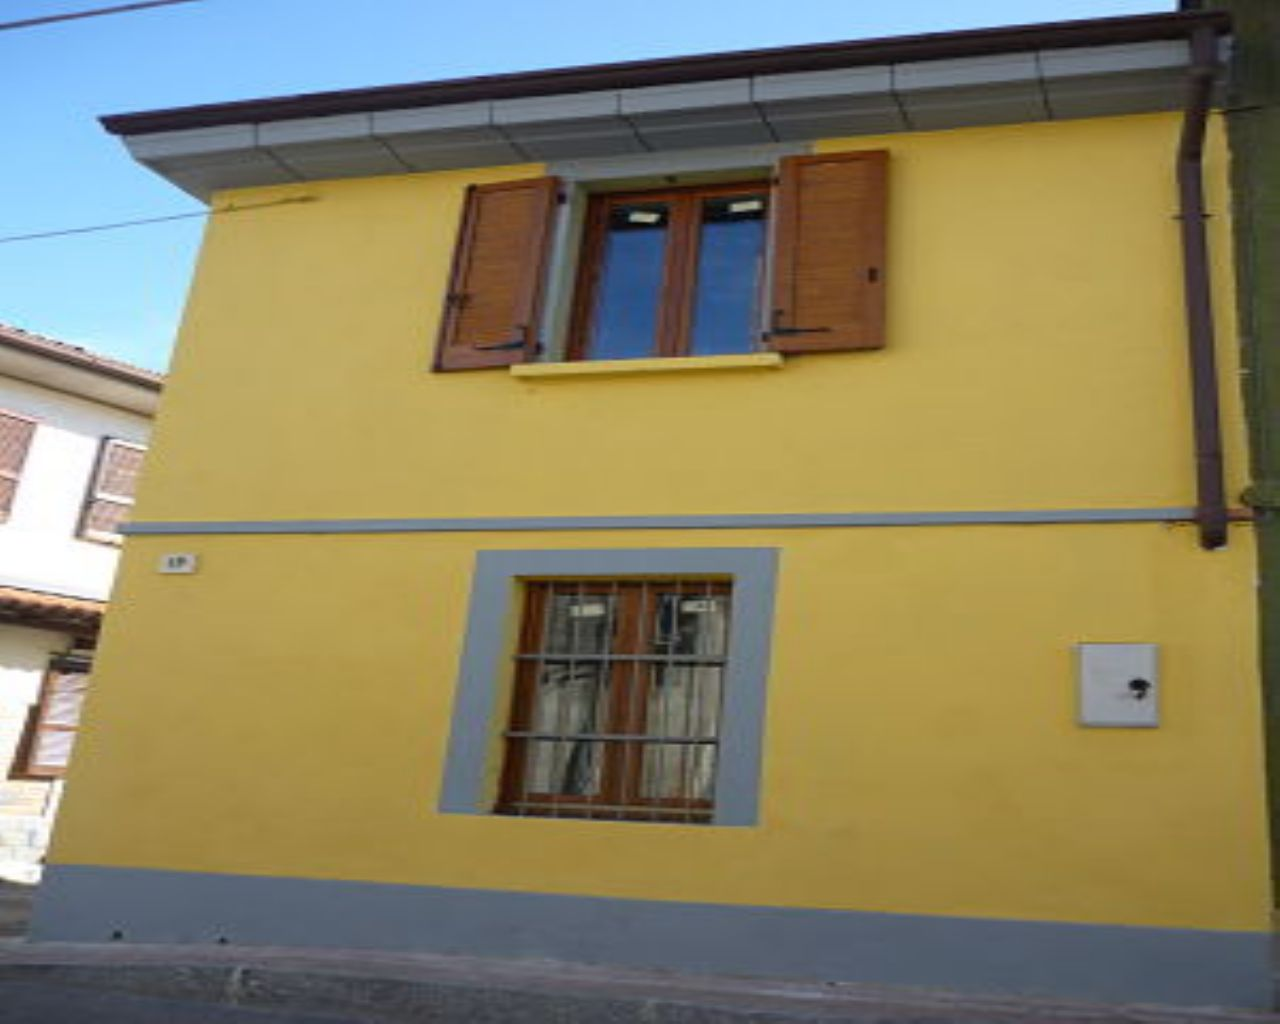 Casa indipendente bilocale in vendita a Corteolona (PV)